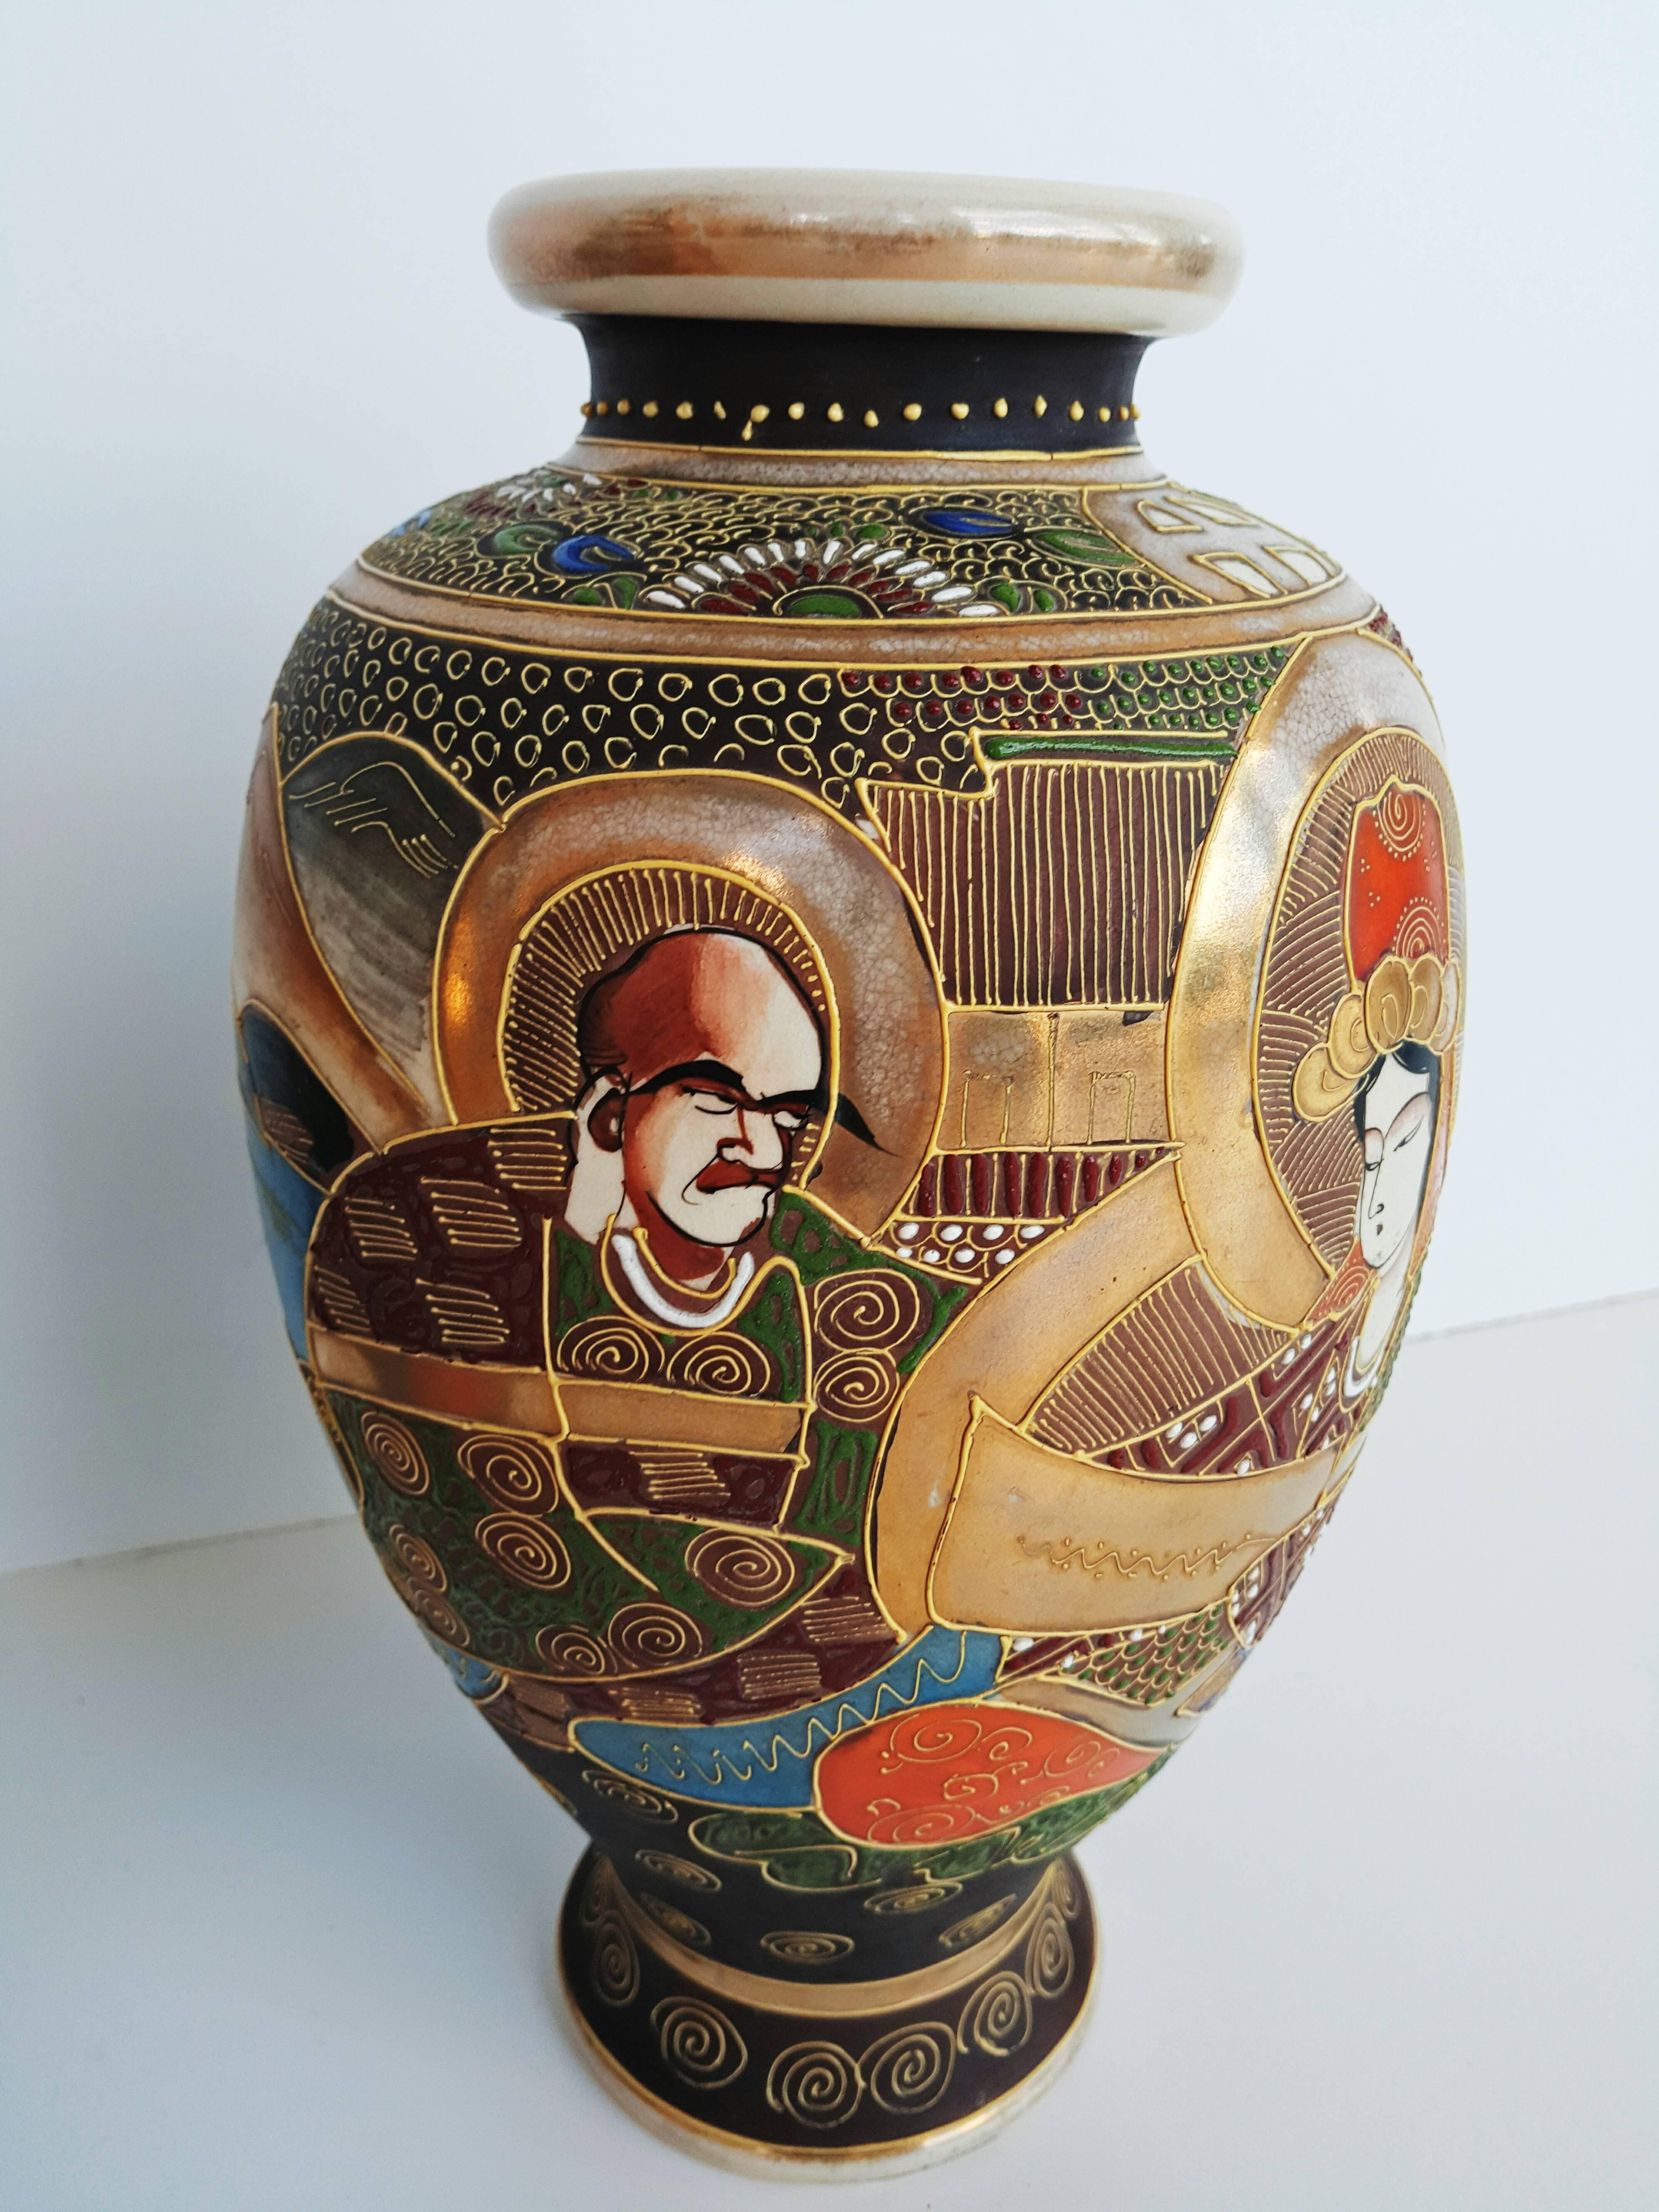 vintage japanese satsuma vase of early 20th century pair of japanese satsuma vases in painted ceramic within early 20th century pair of japanese satsuma vases in painted ceramic for sale at 1stdibs